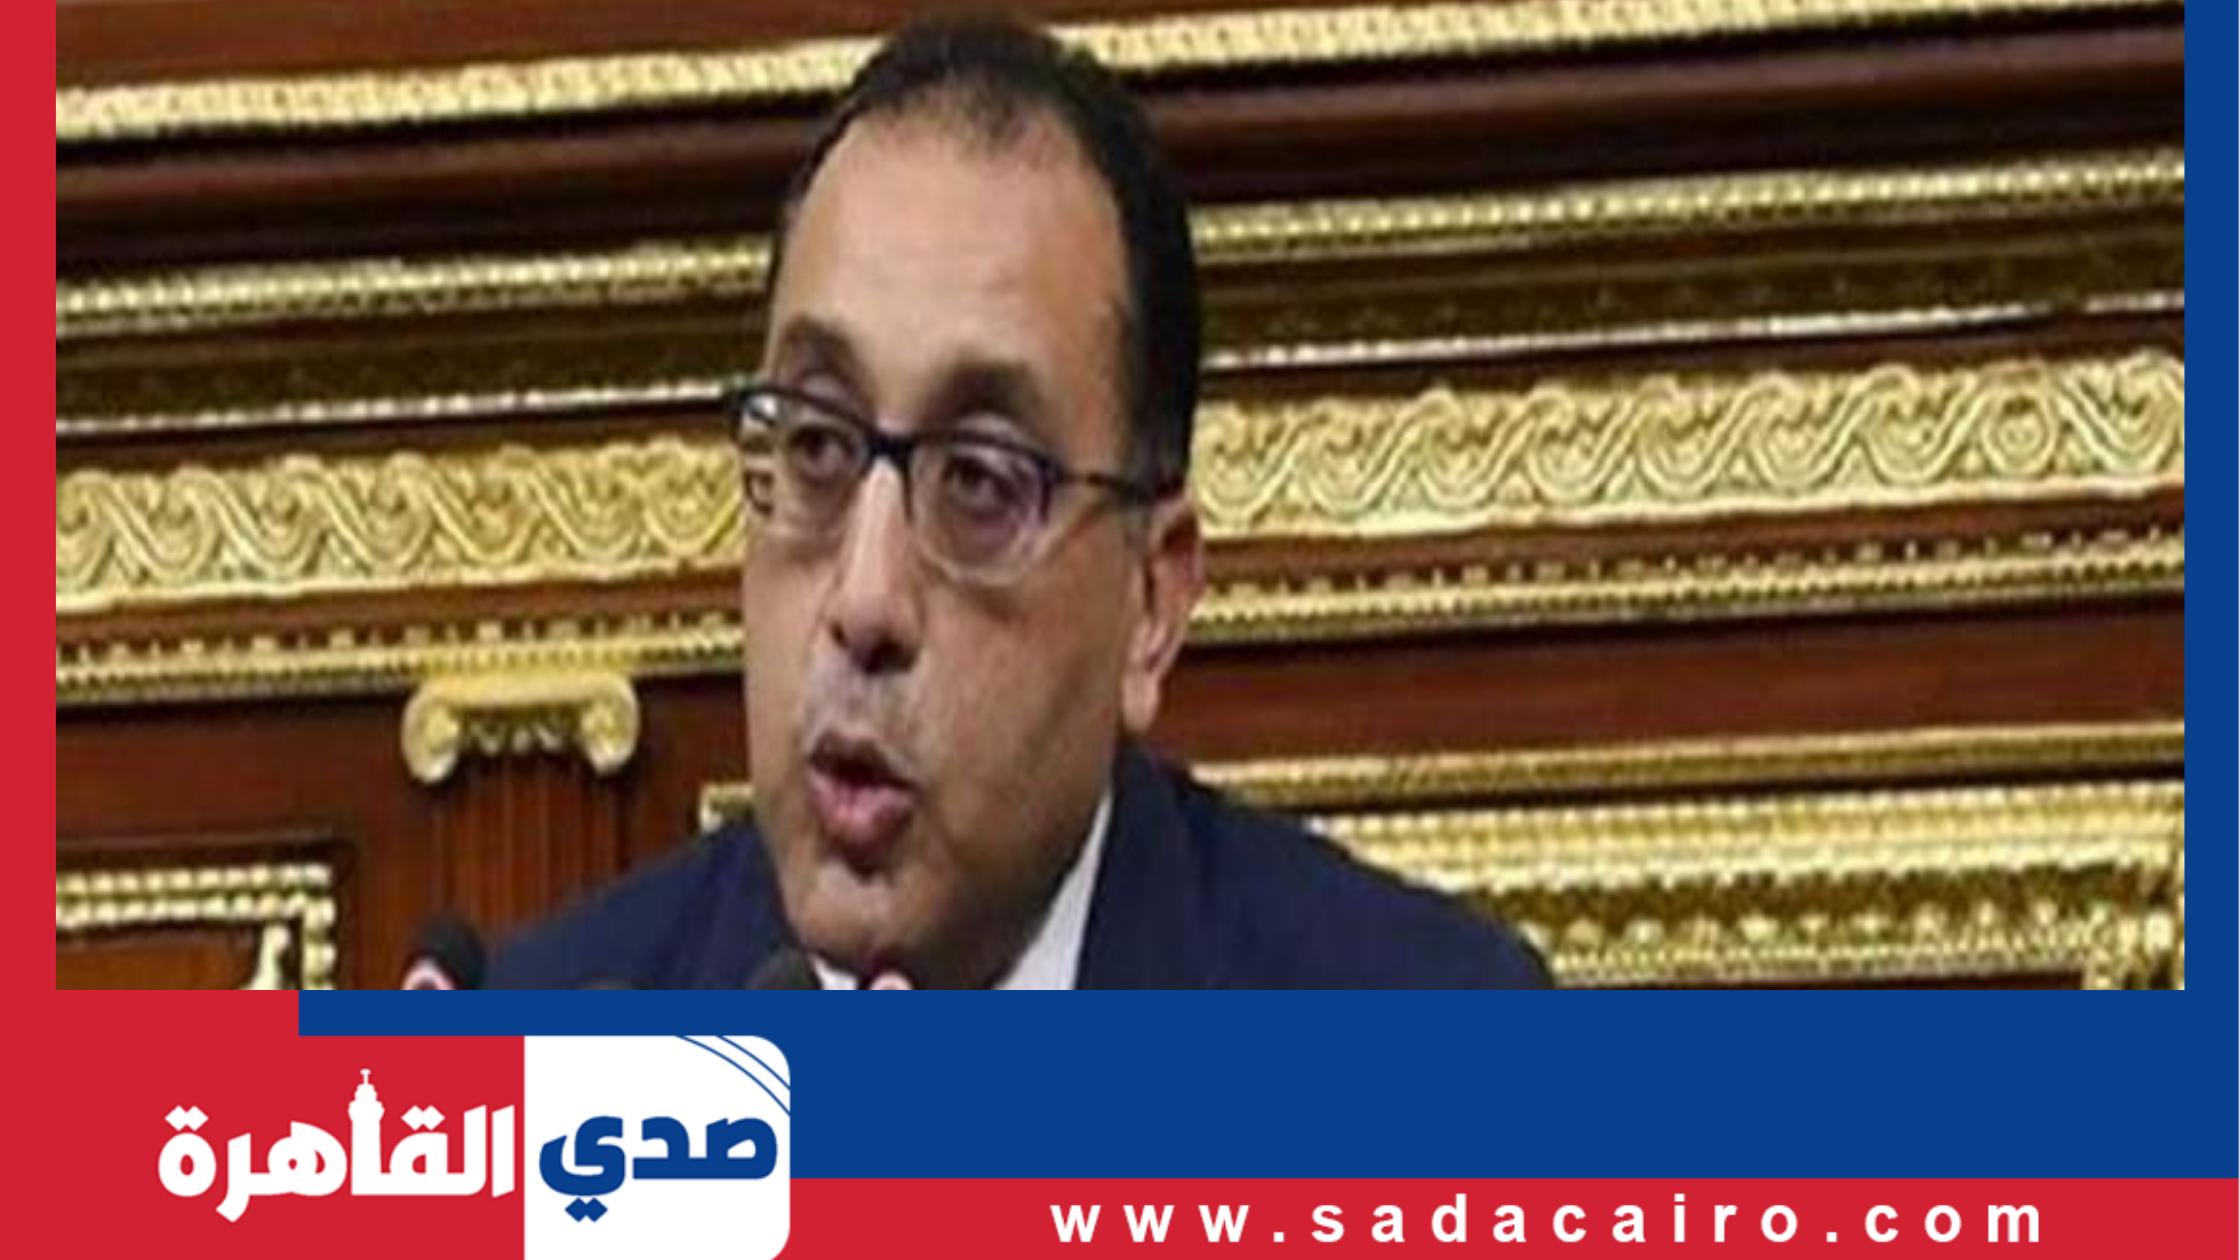 رئيس الوزراء يصل محافظة الأقصر لمتابعة عددا من المشروعات